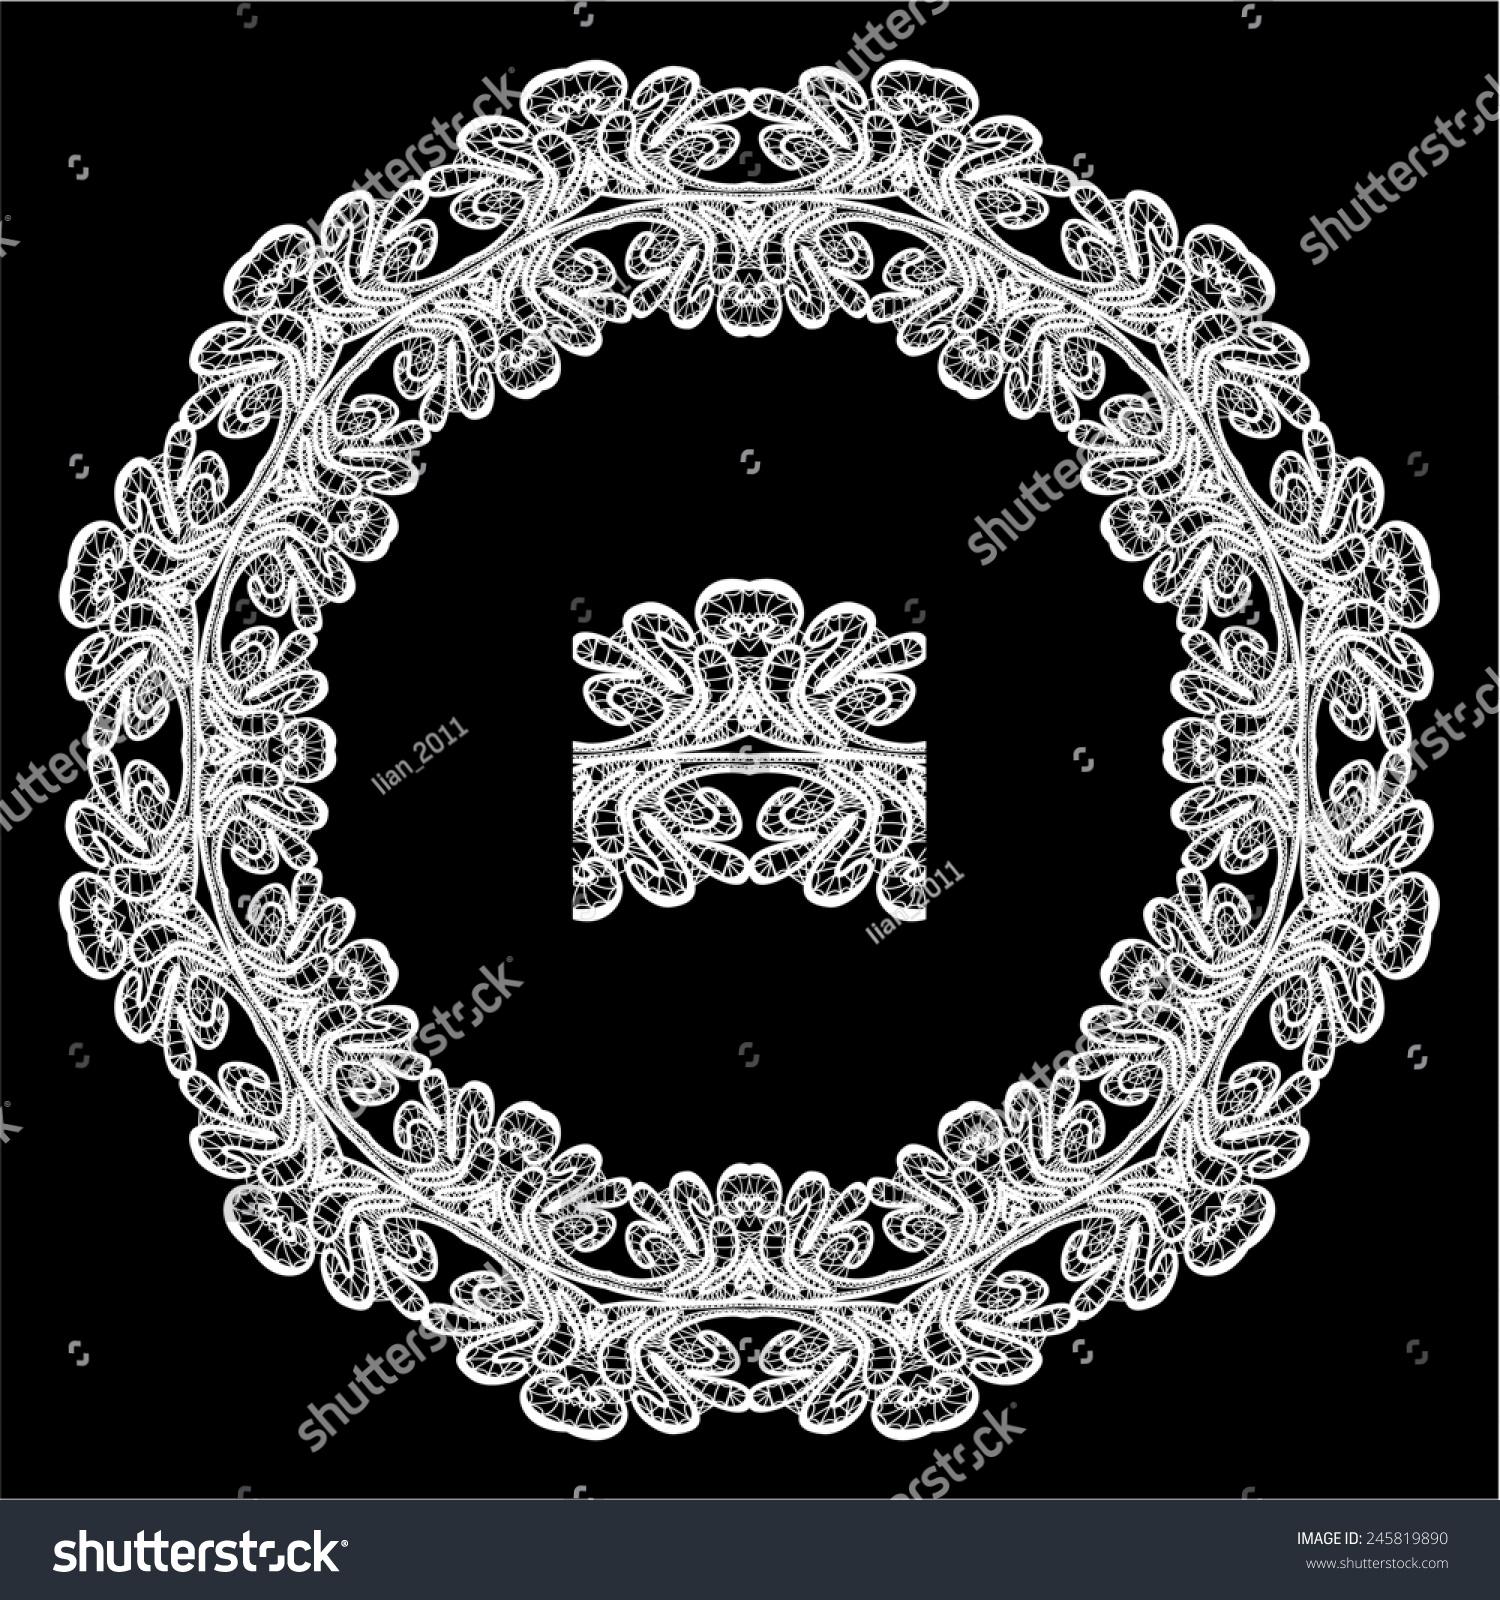 圆形框架-花卉蕾丝点缀在黑色背景白色.光栅版